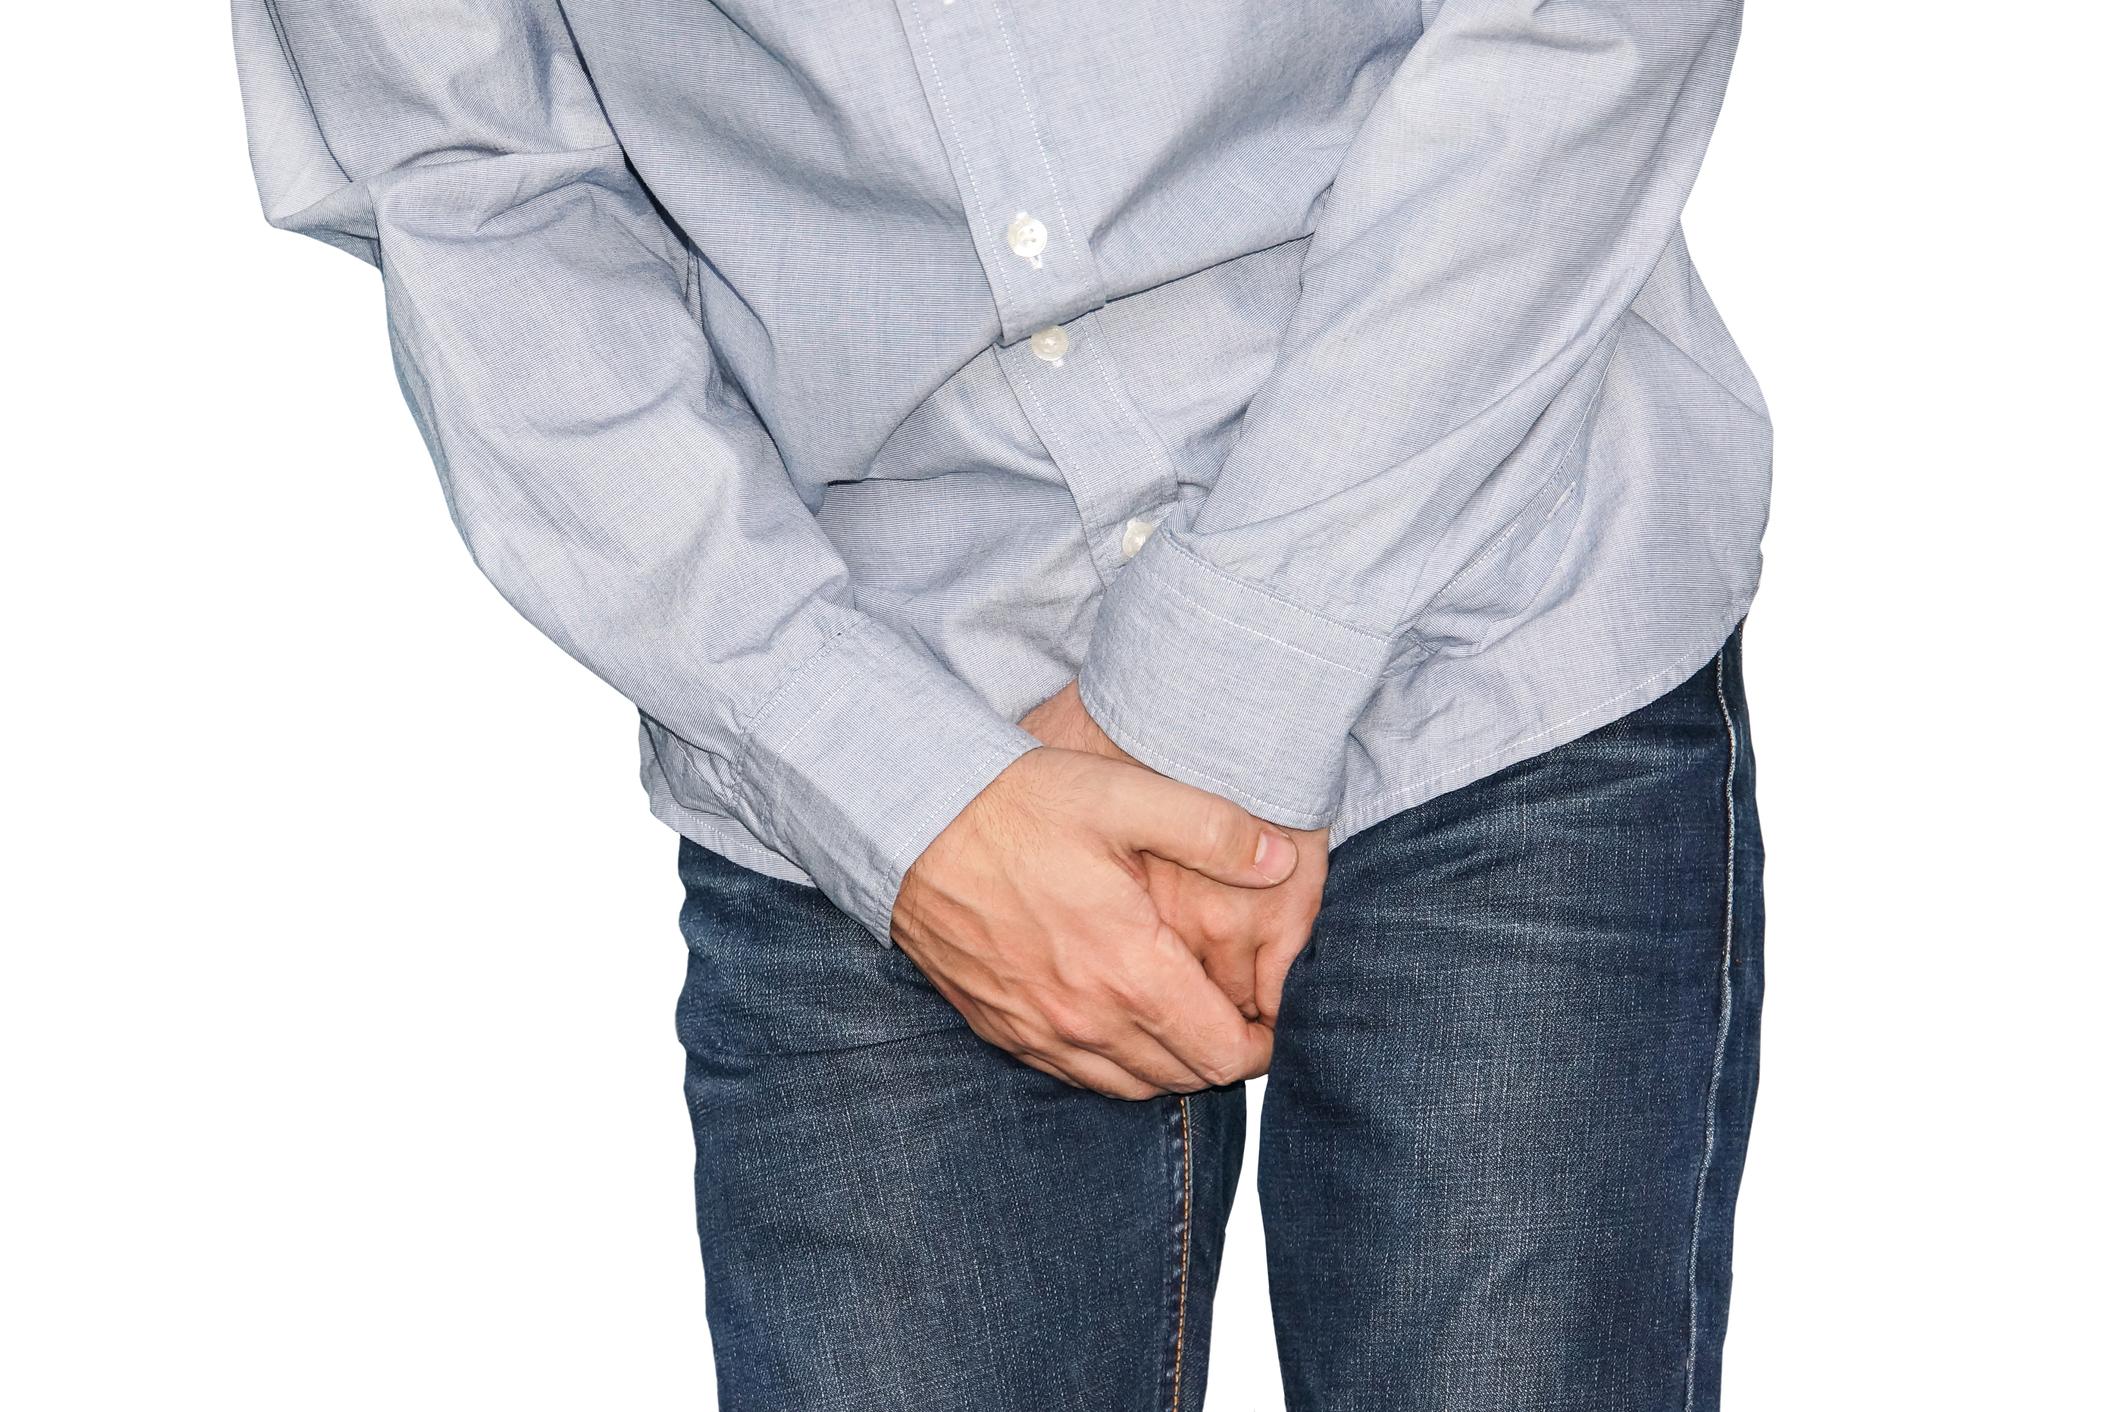 pénisz prosztatagyulladással hogy néz ki